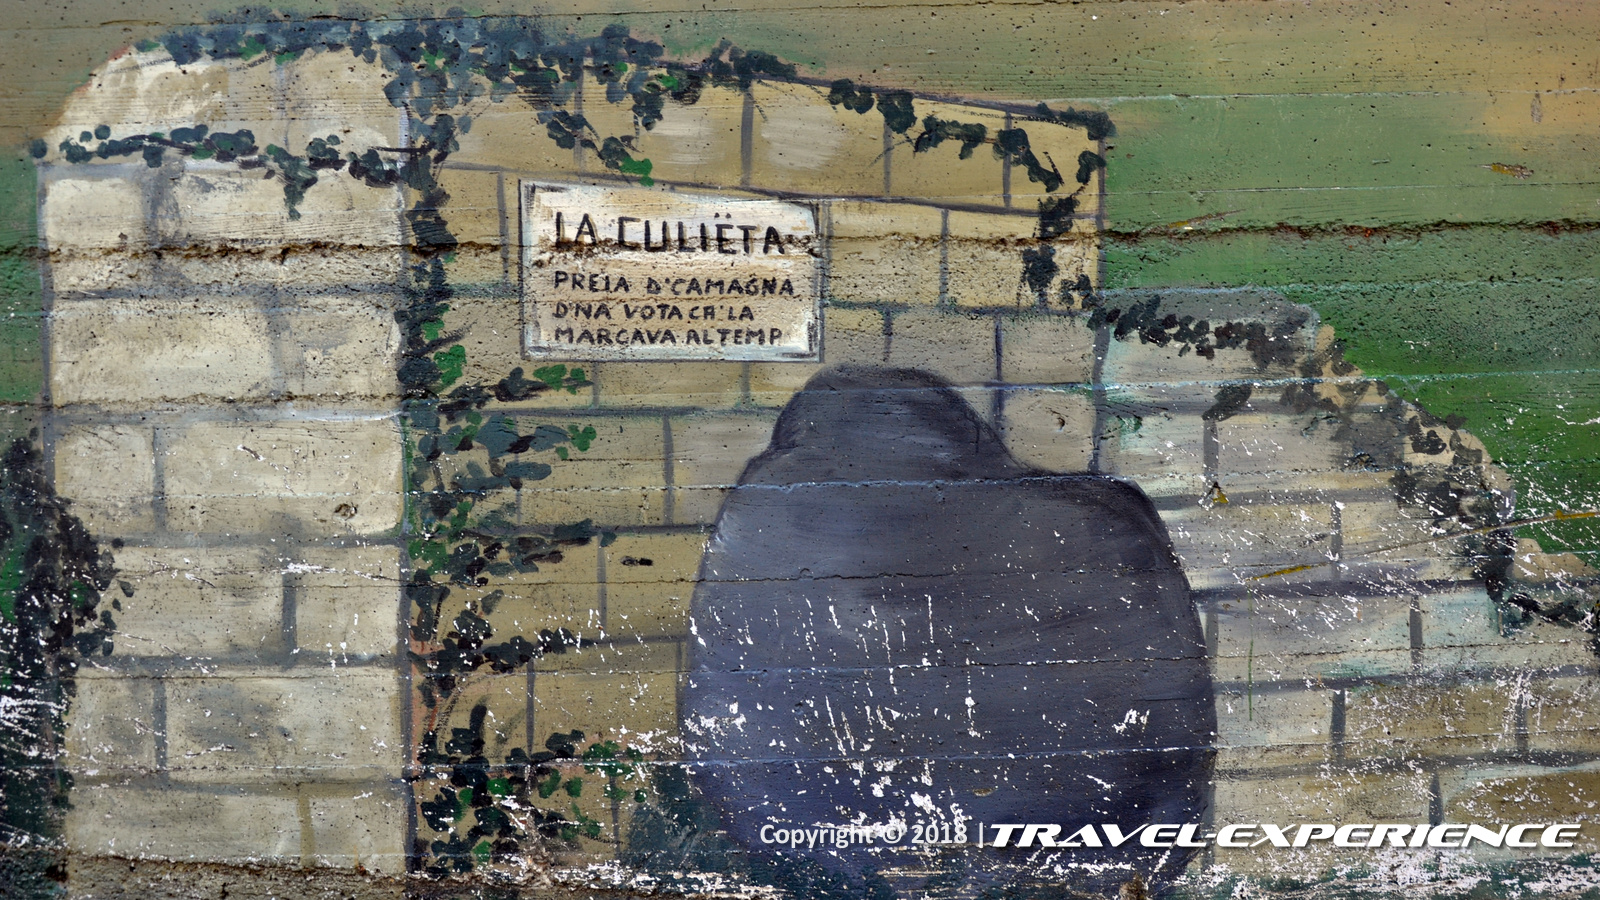 foto dettaglio murales Culieta di Camagna